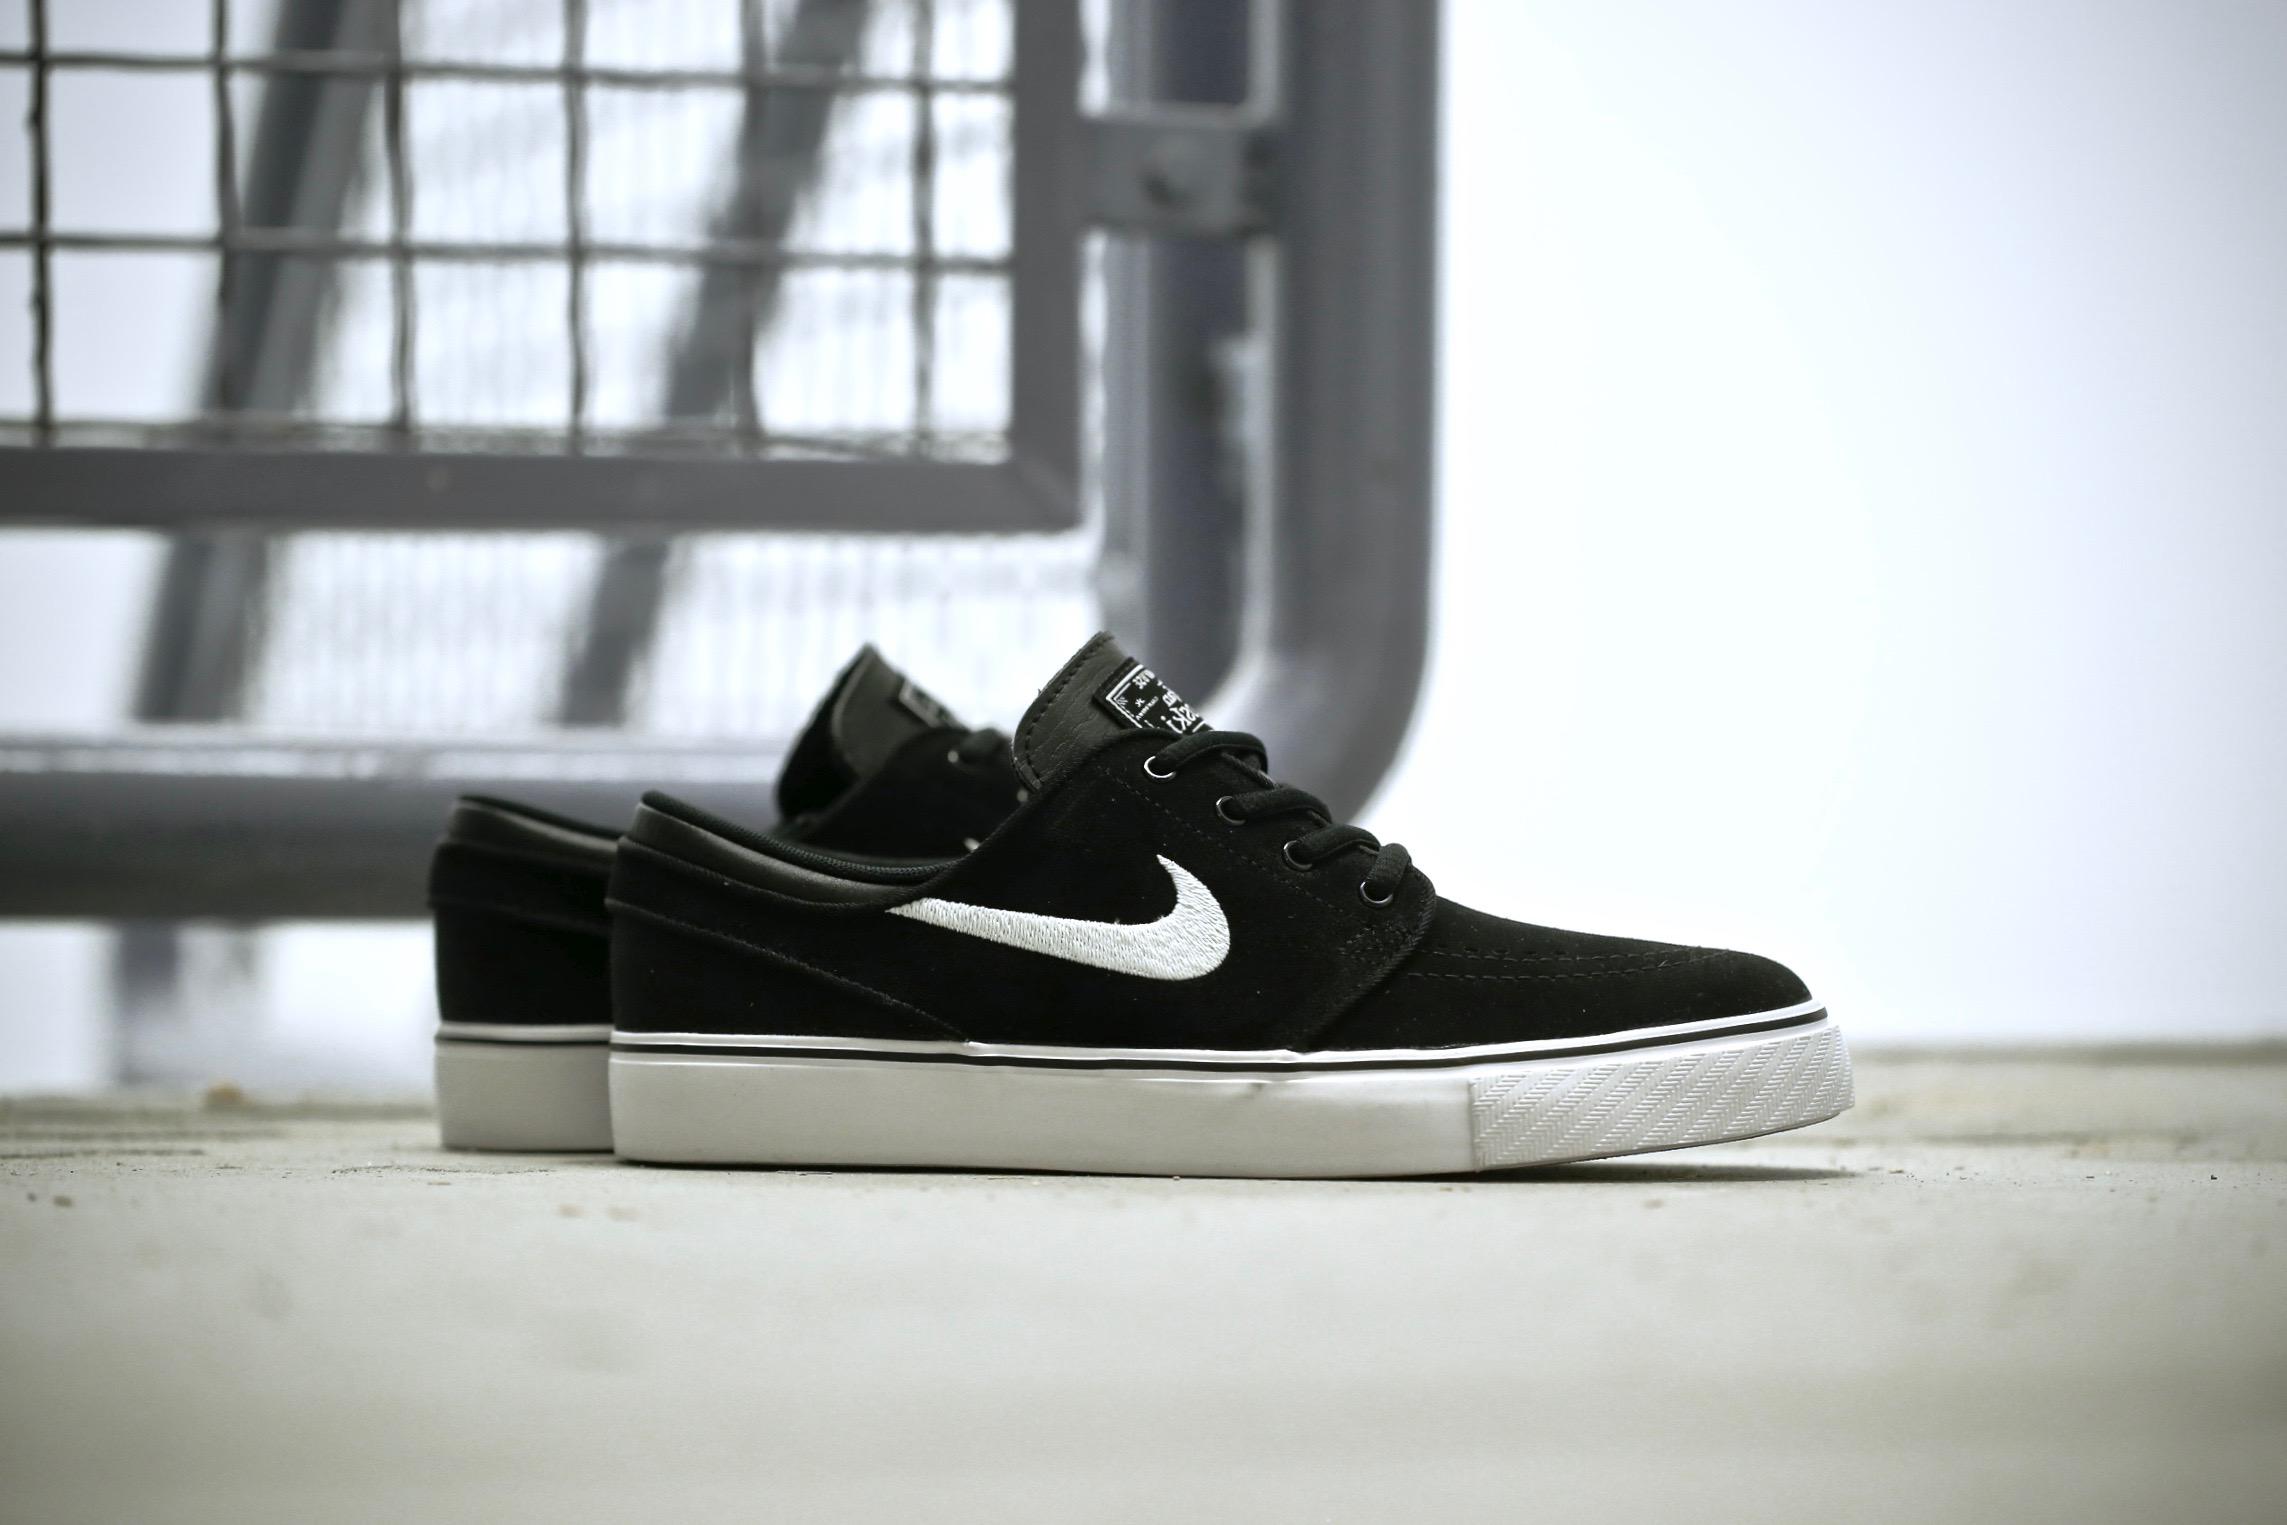 047b806e71f Nike SB Zoom Stefan Janoski – Black White – STASP